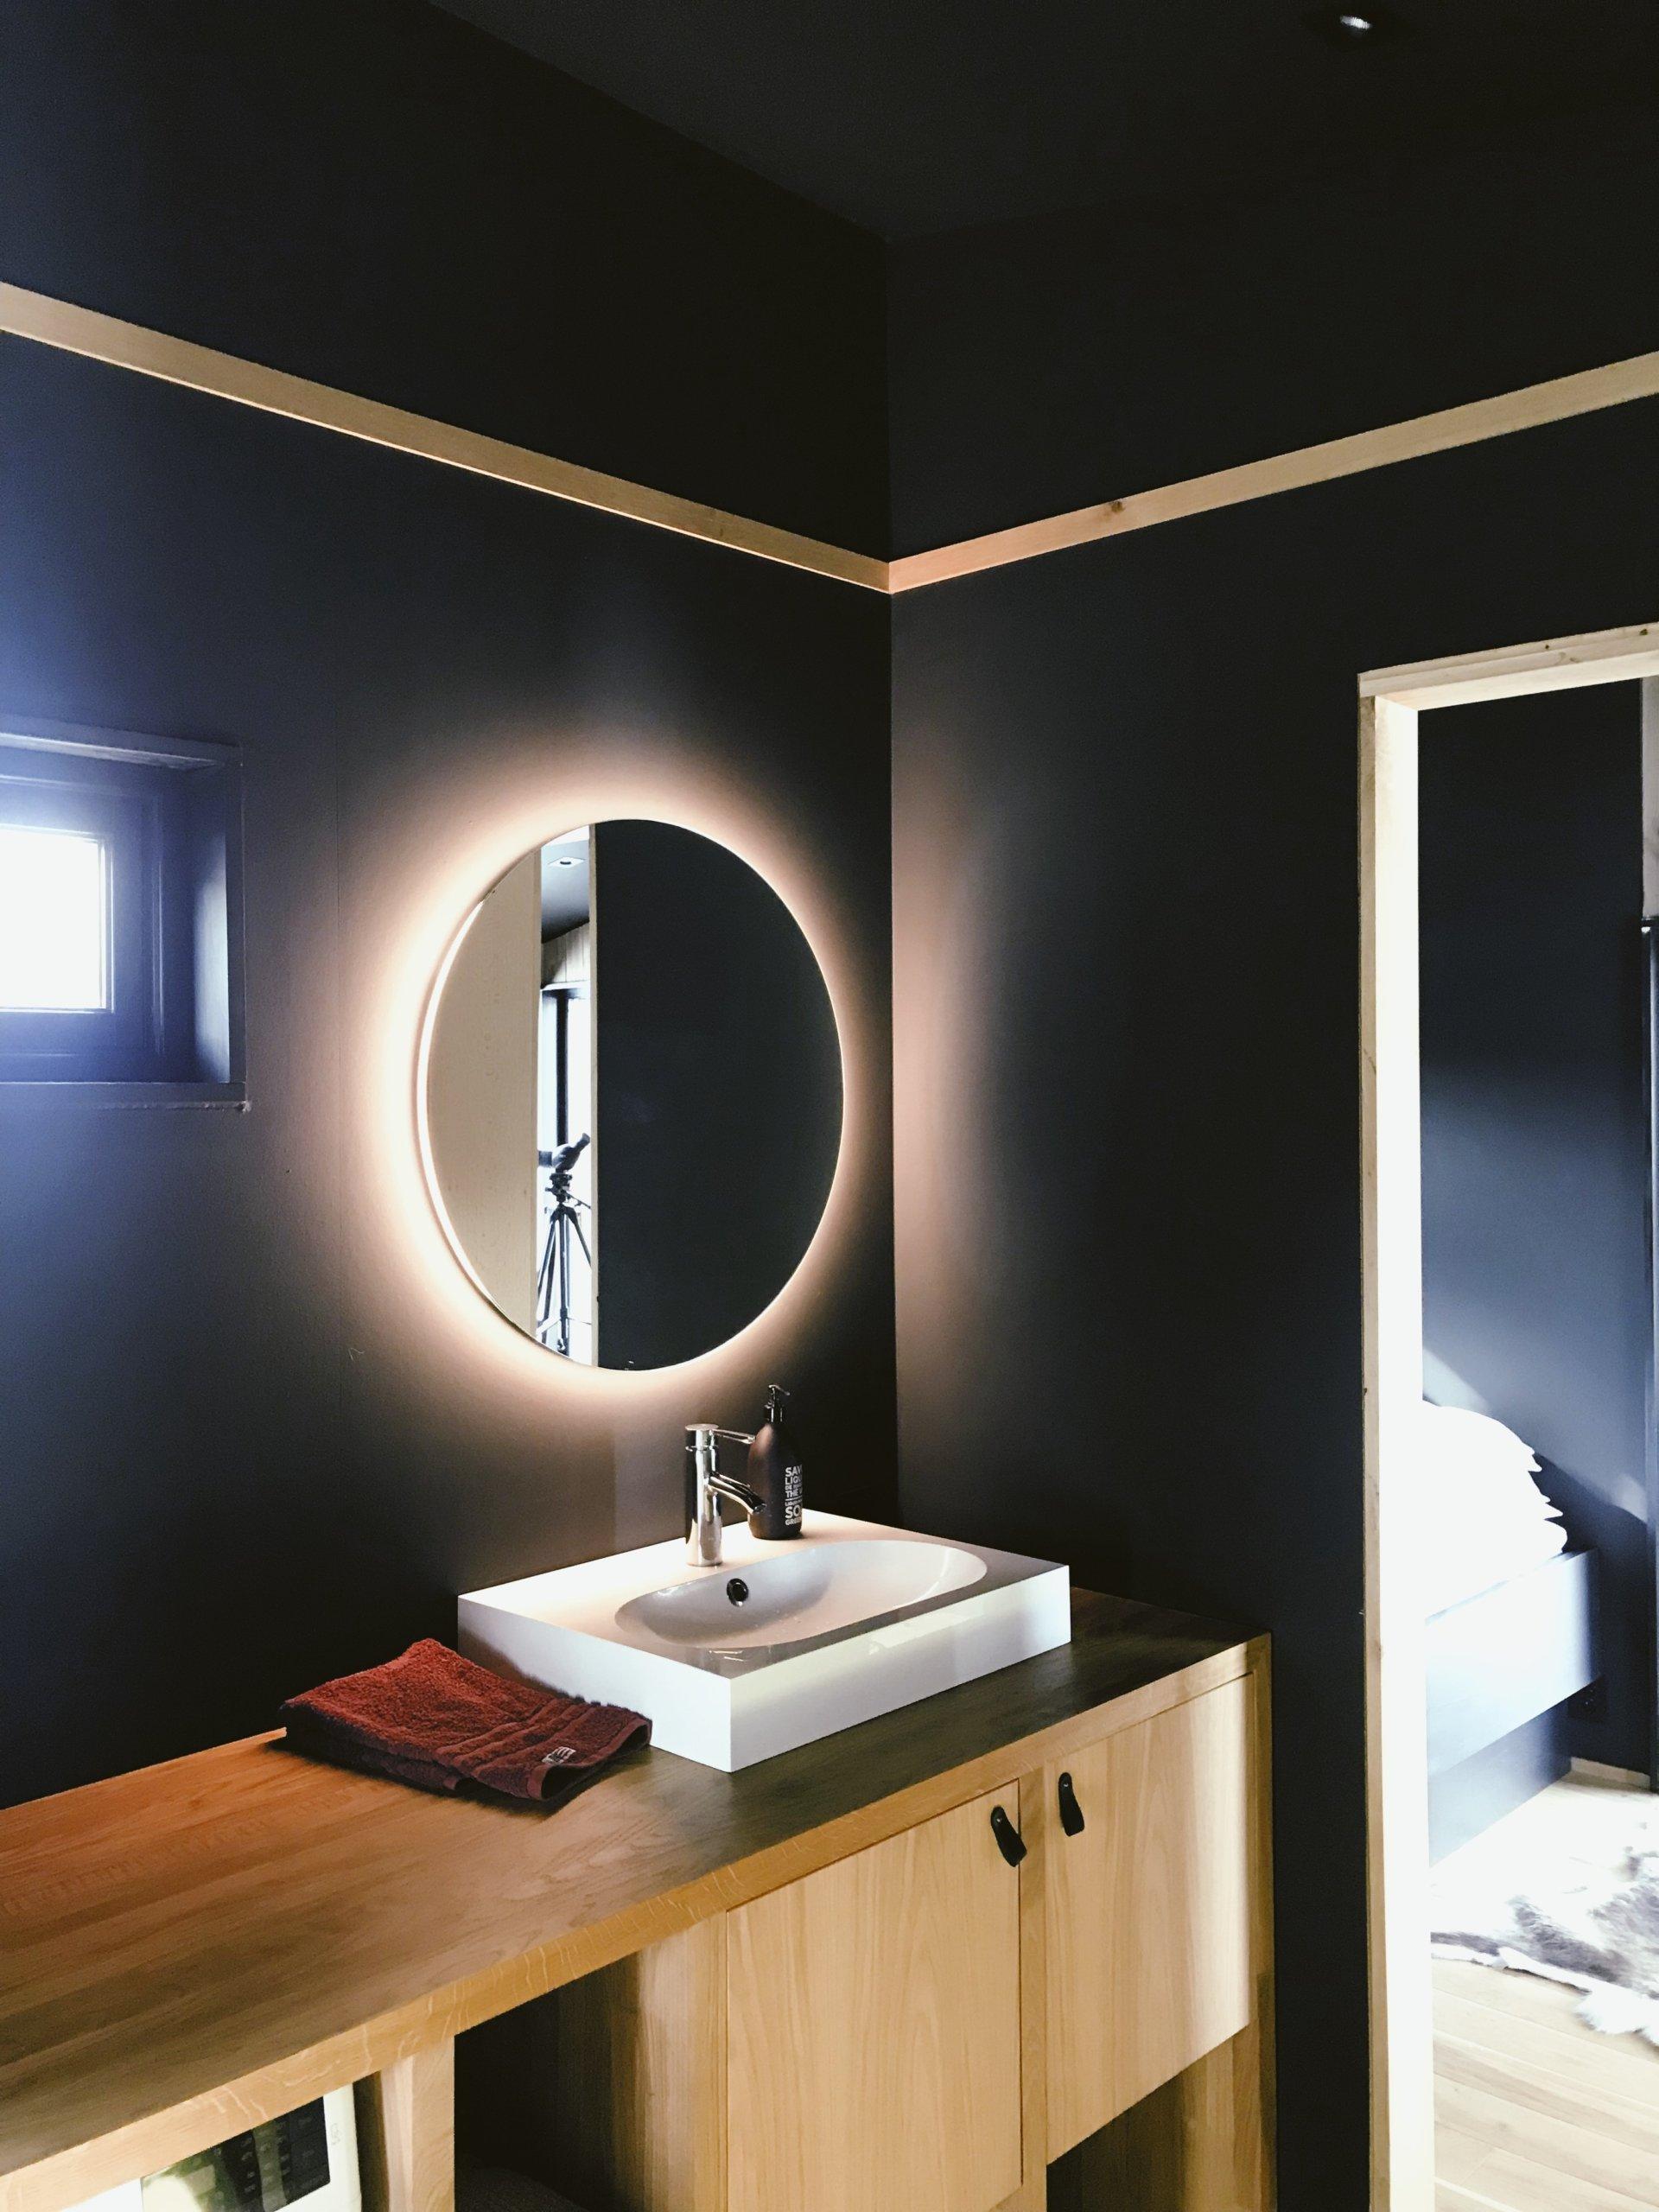 Dark bathroom walls